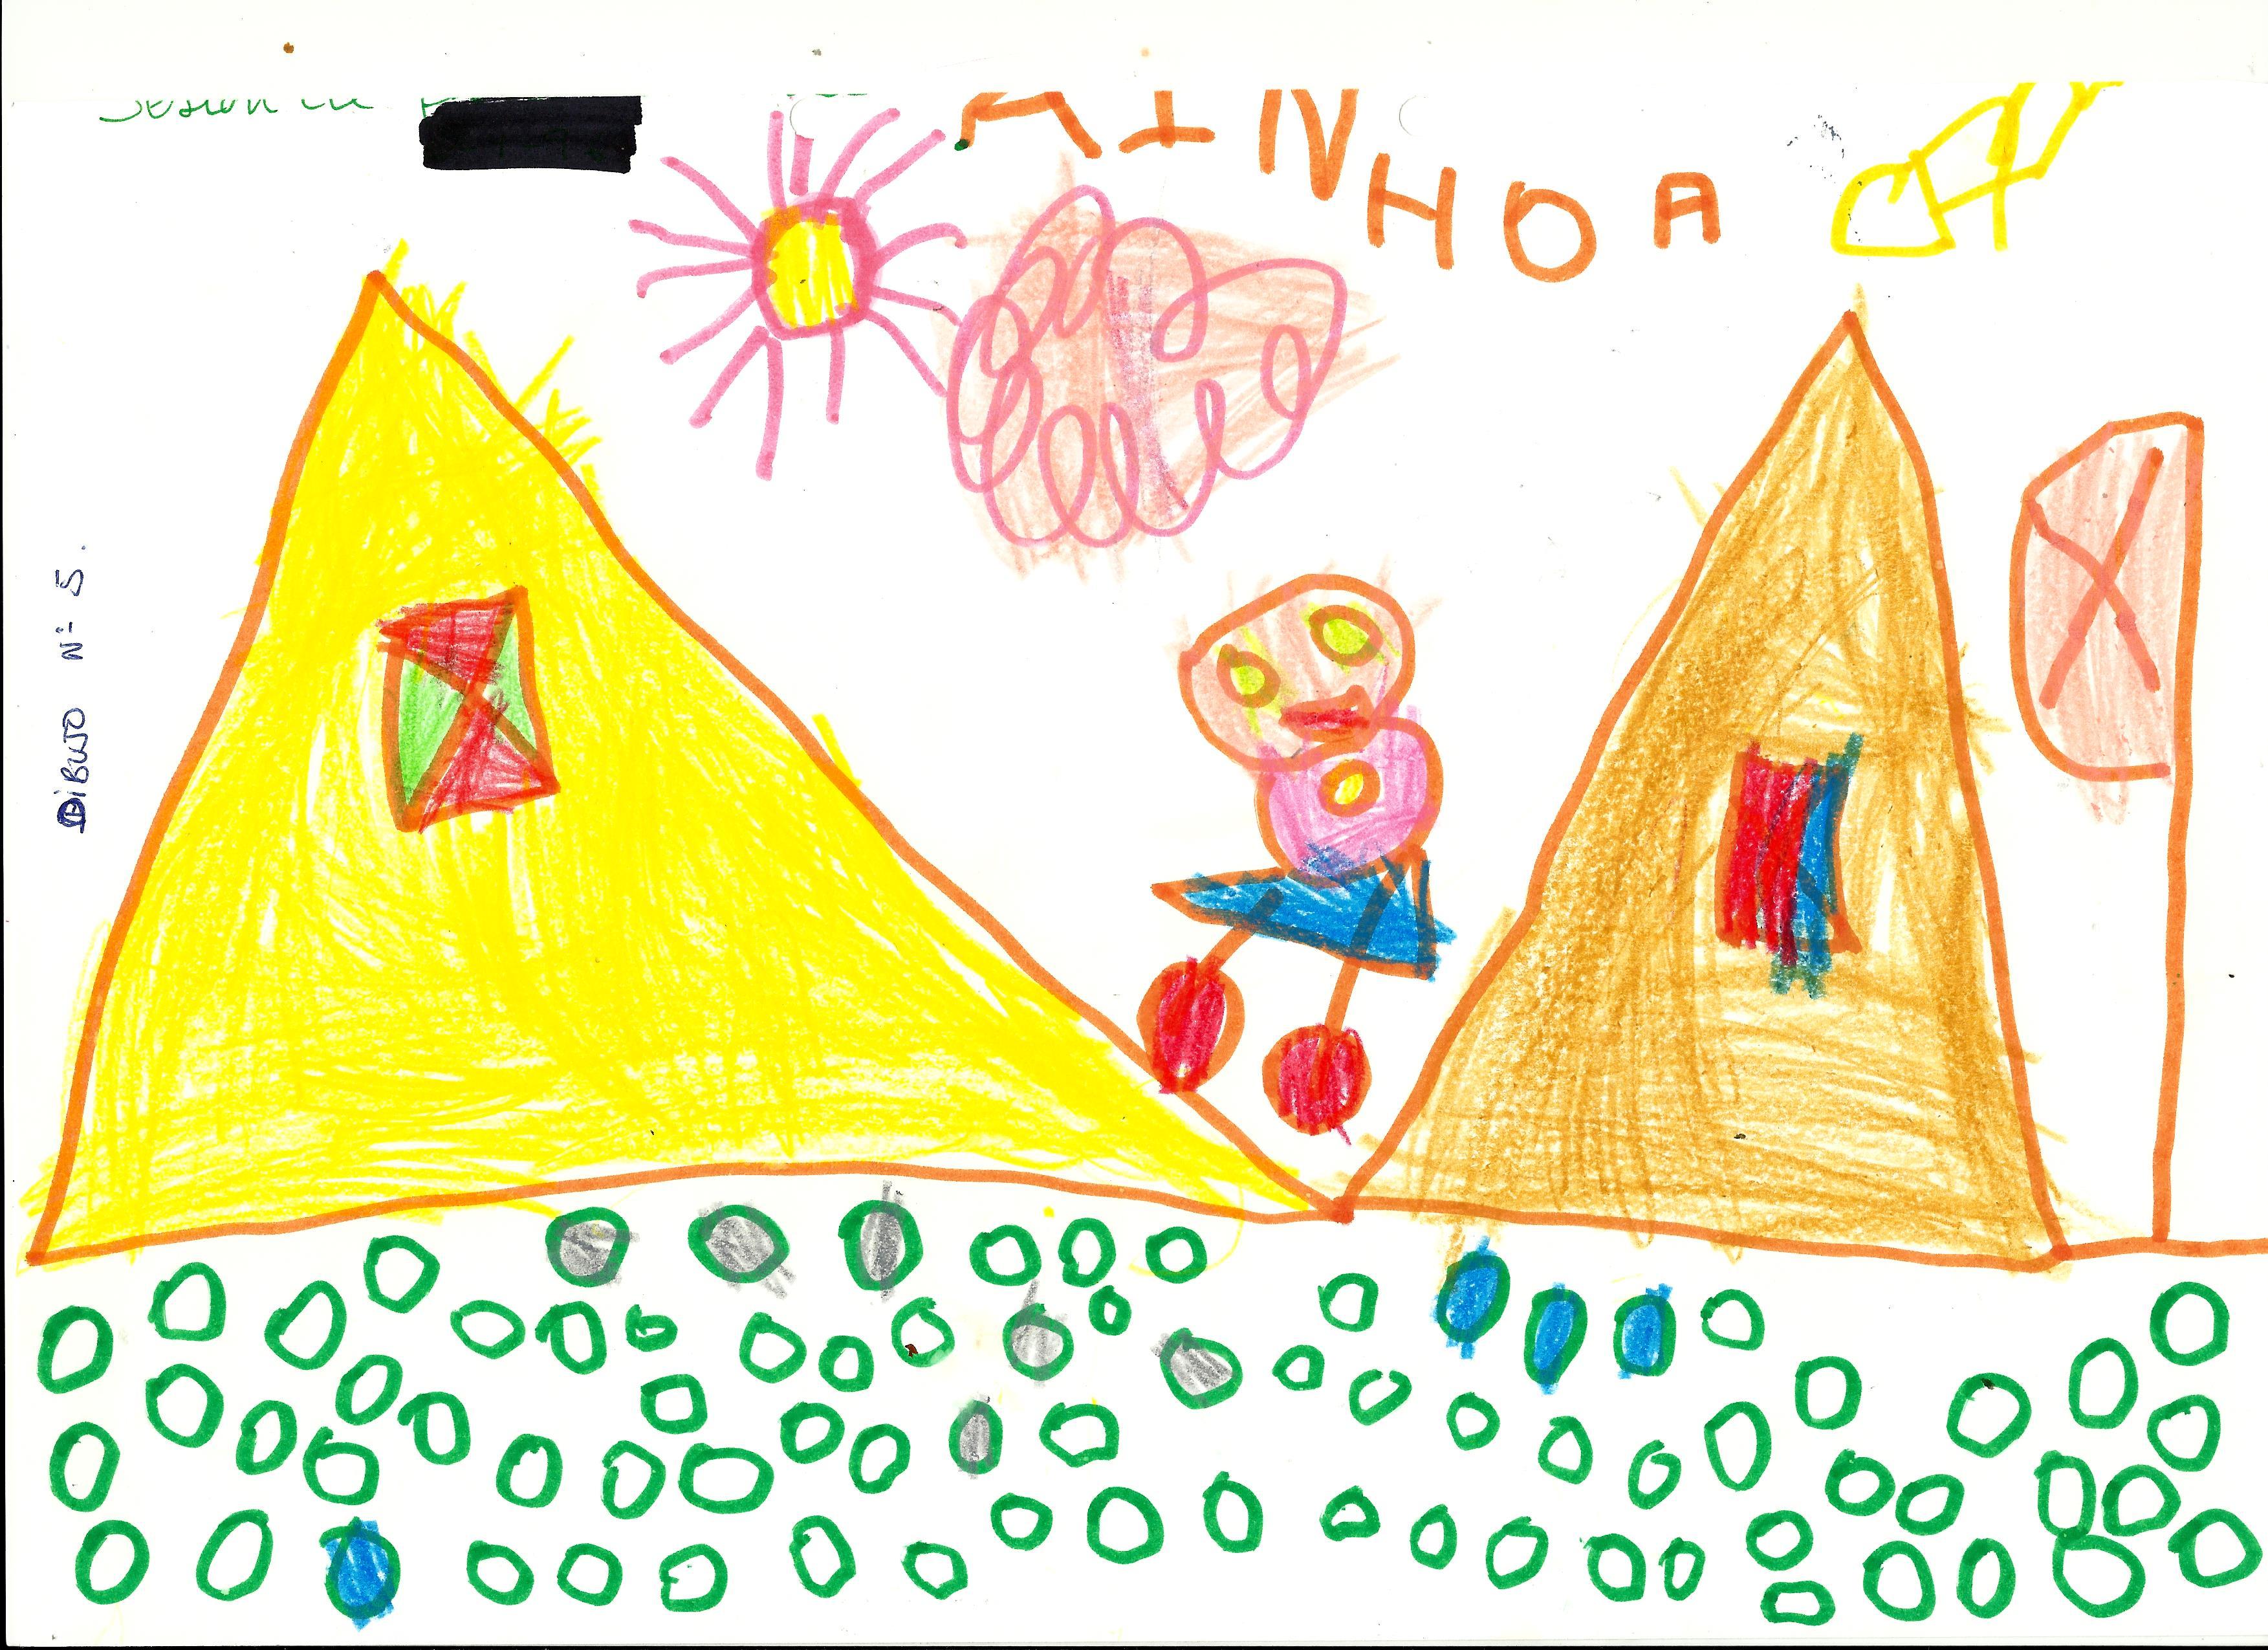 Dibujos De Ninos Con Dificultades Pagina 1 2 Y 3